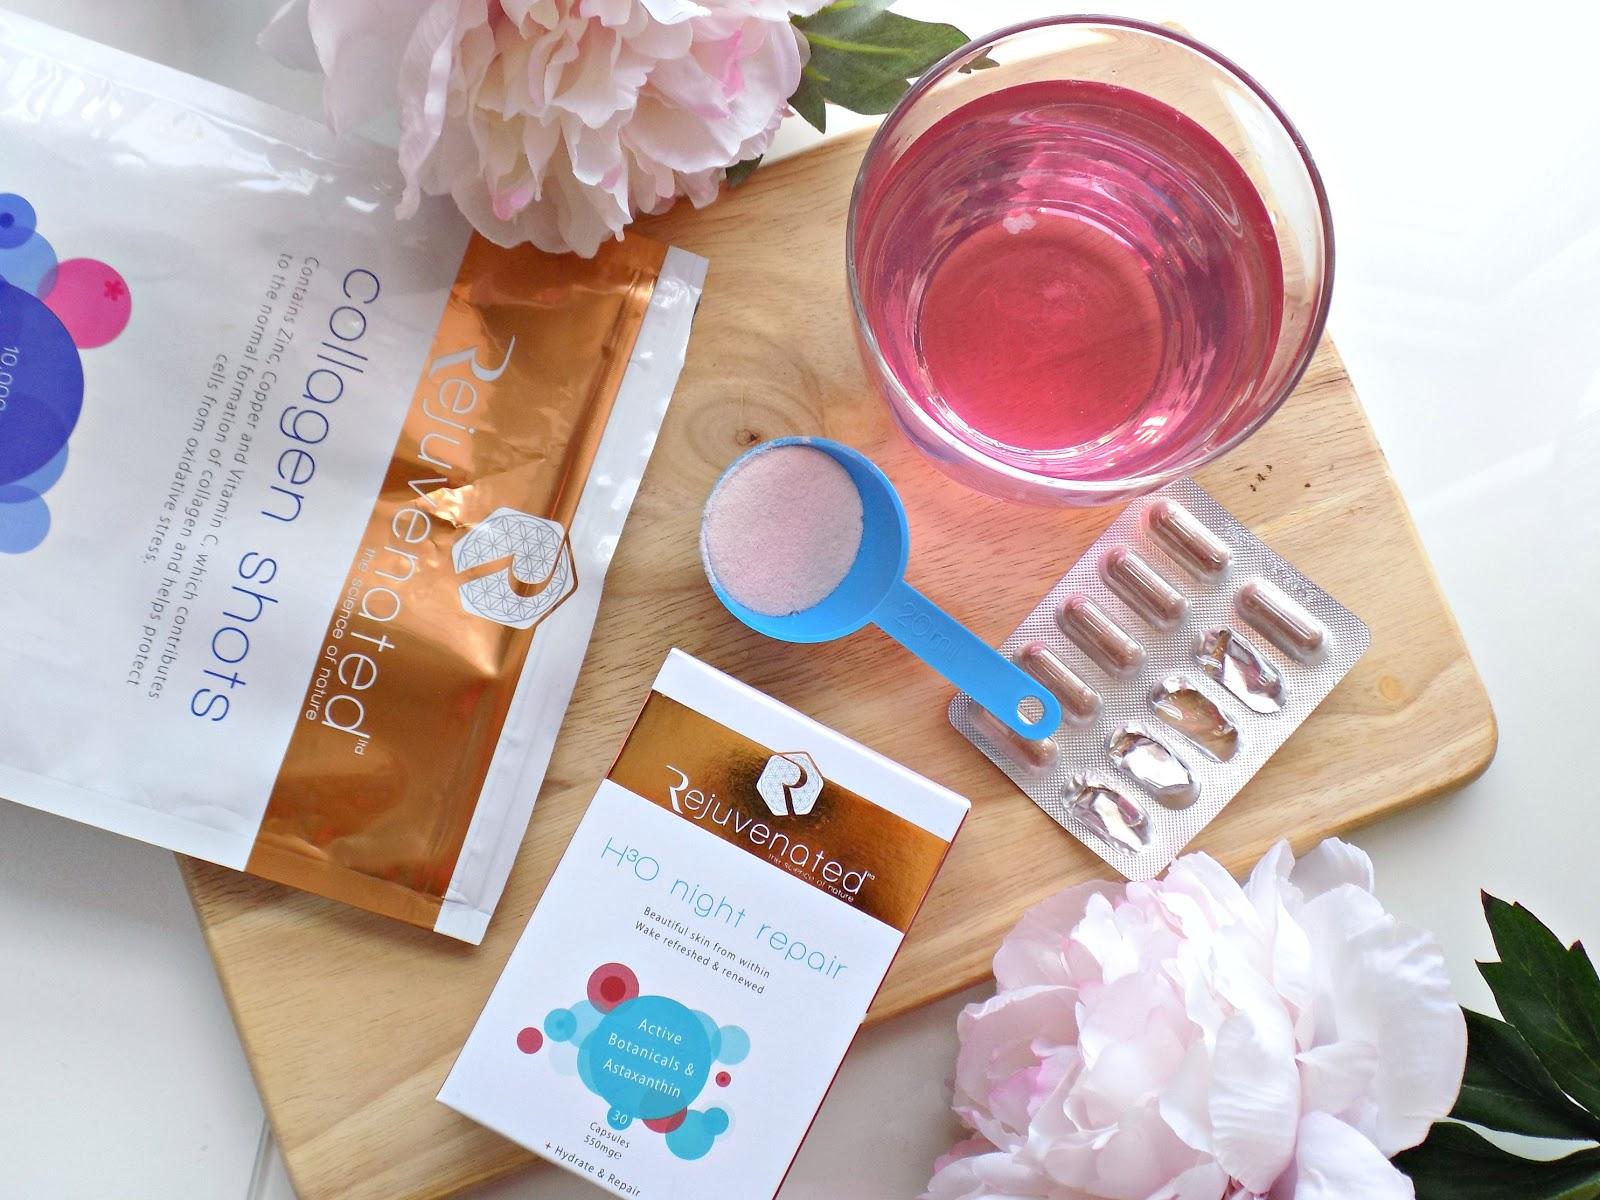 Rejuvenated collagen shots, rejuvenated supplements